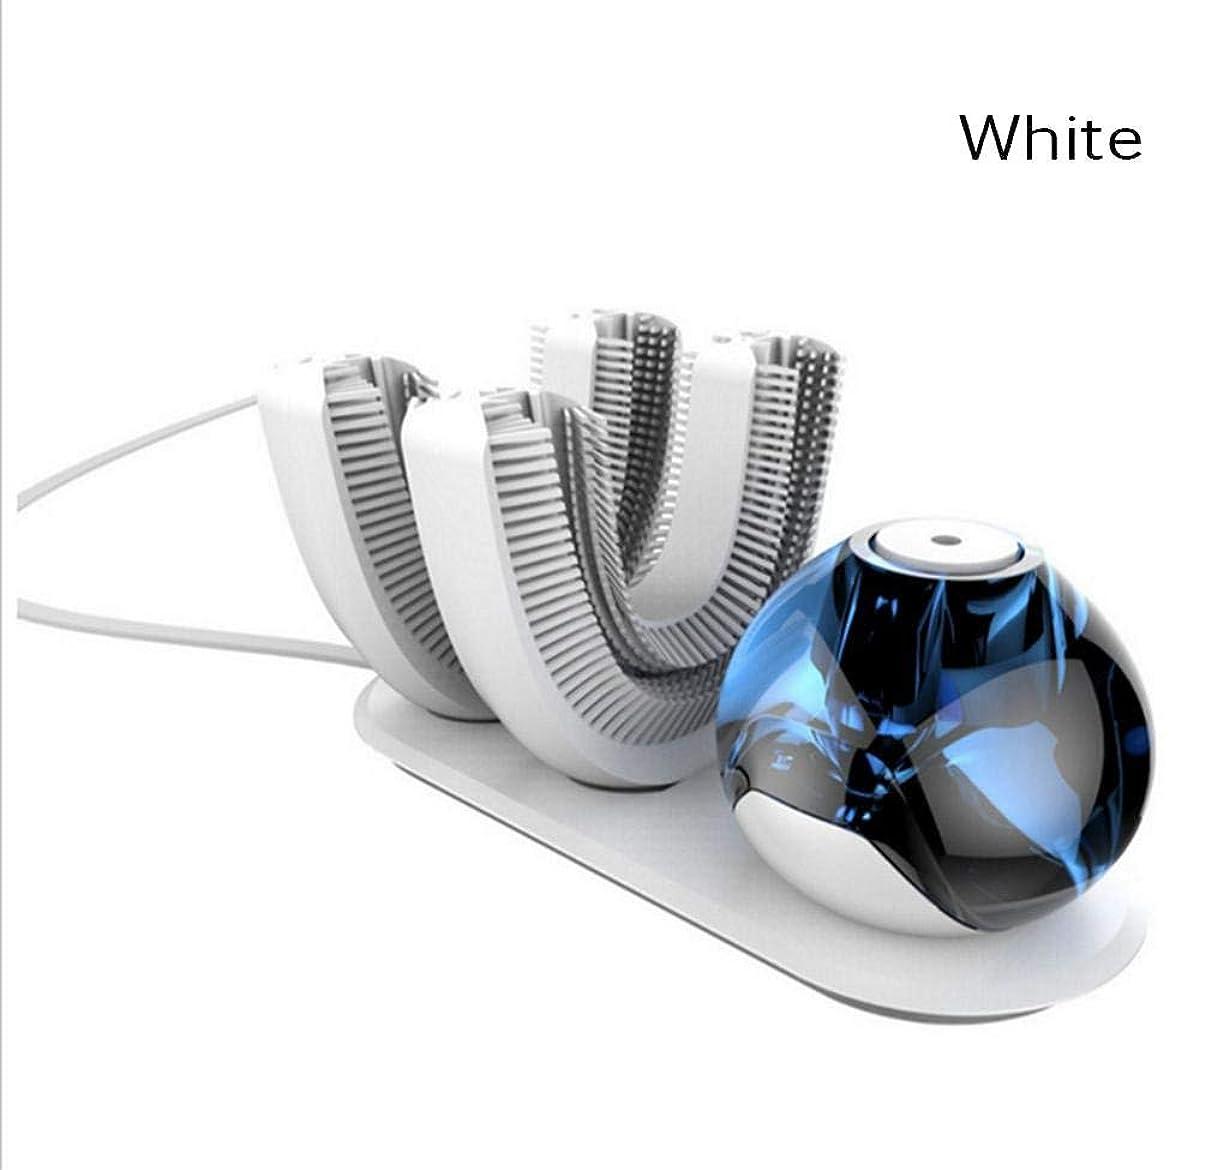 調整可能飛ぶ他に自動歯ブラシ、電動歯ブラシワイヤレス充電式360度自動歯ブラシ、怠惰用(ホワイト)